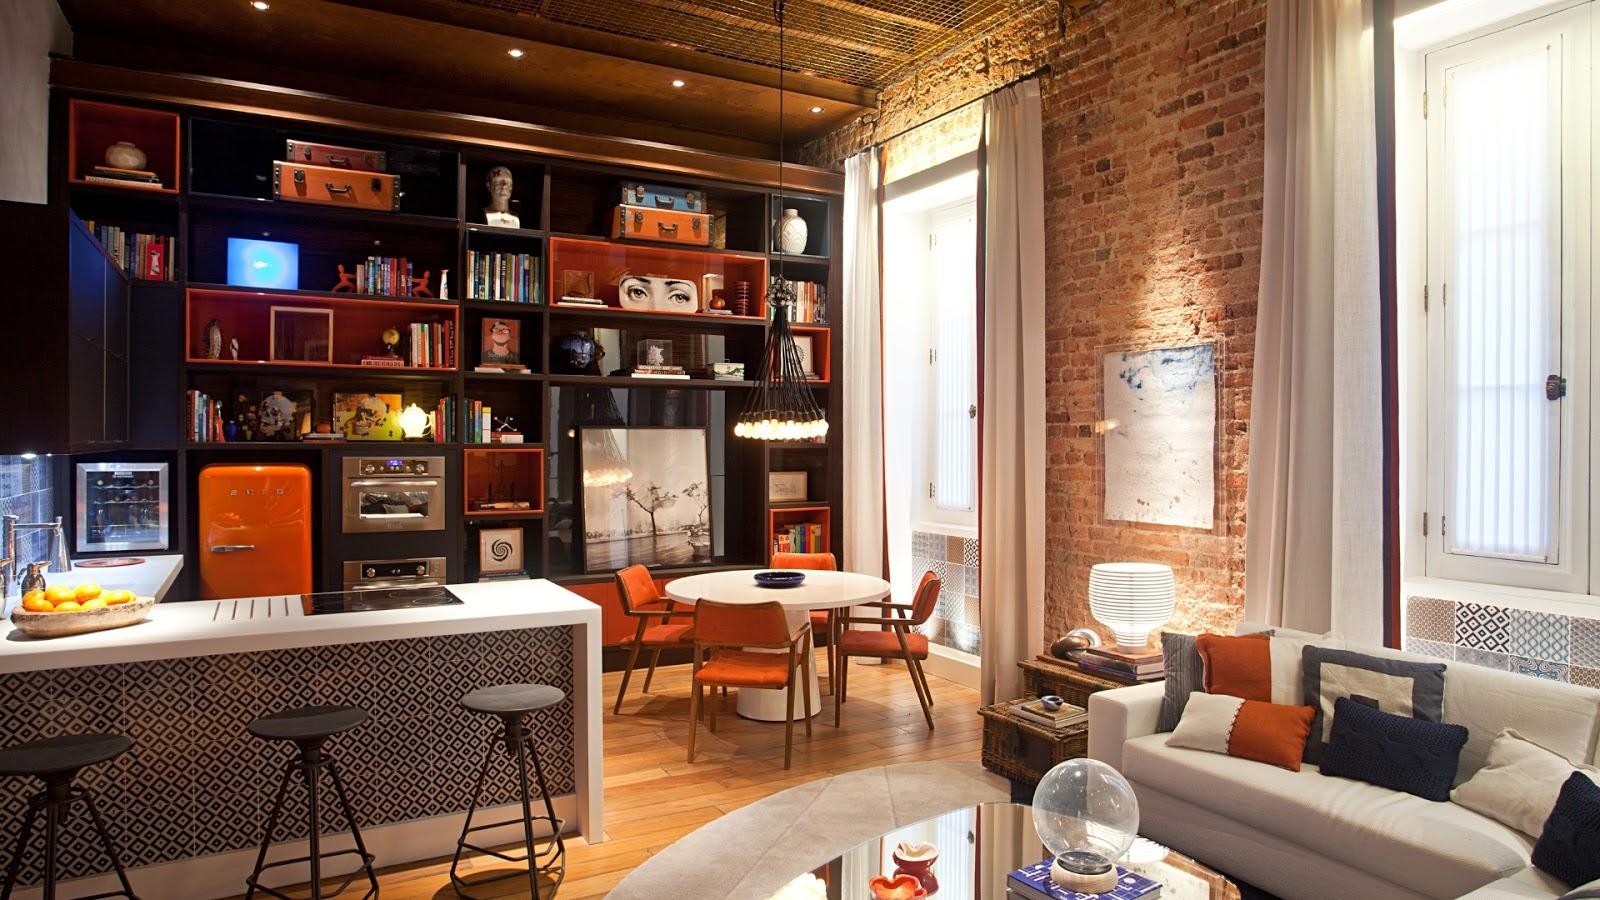 Elaine belletti: loft, uma tendência que atrai. eventos e serviços ...